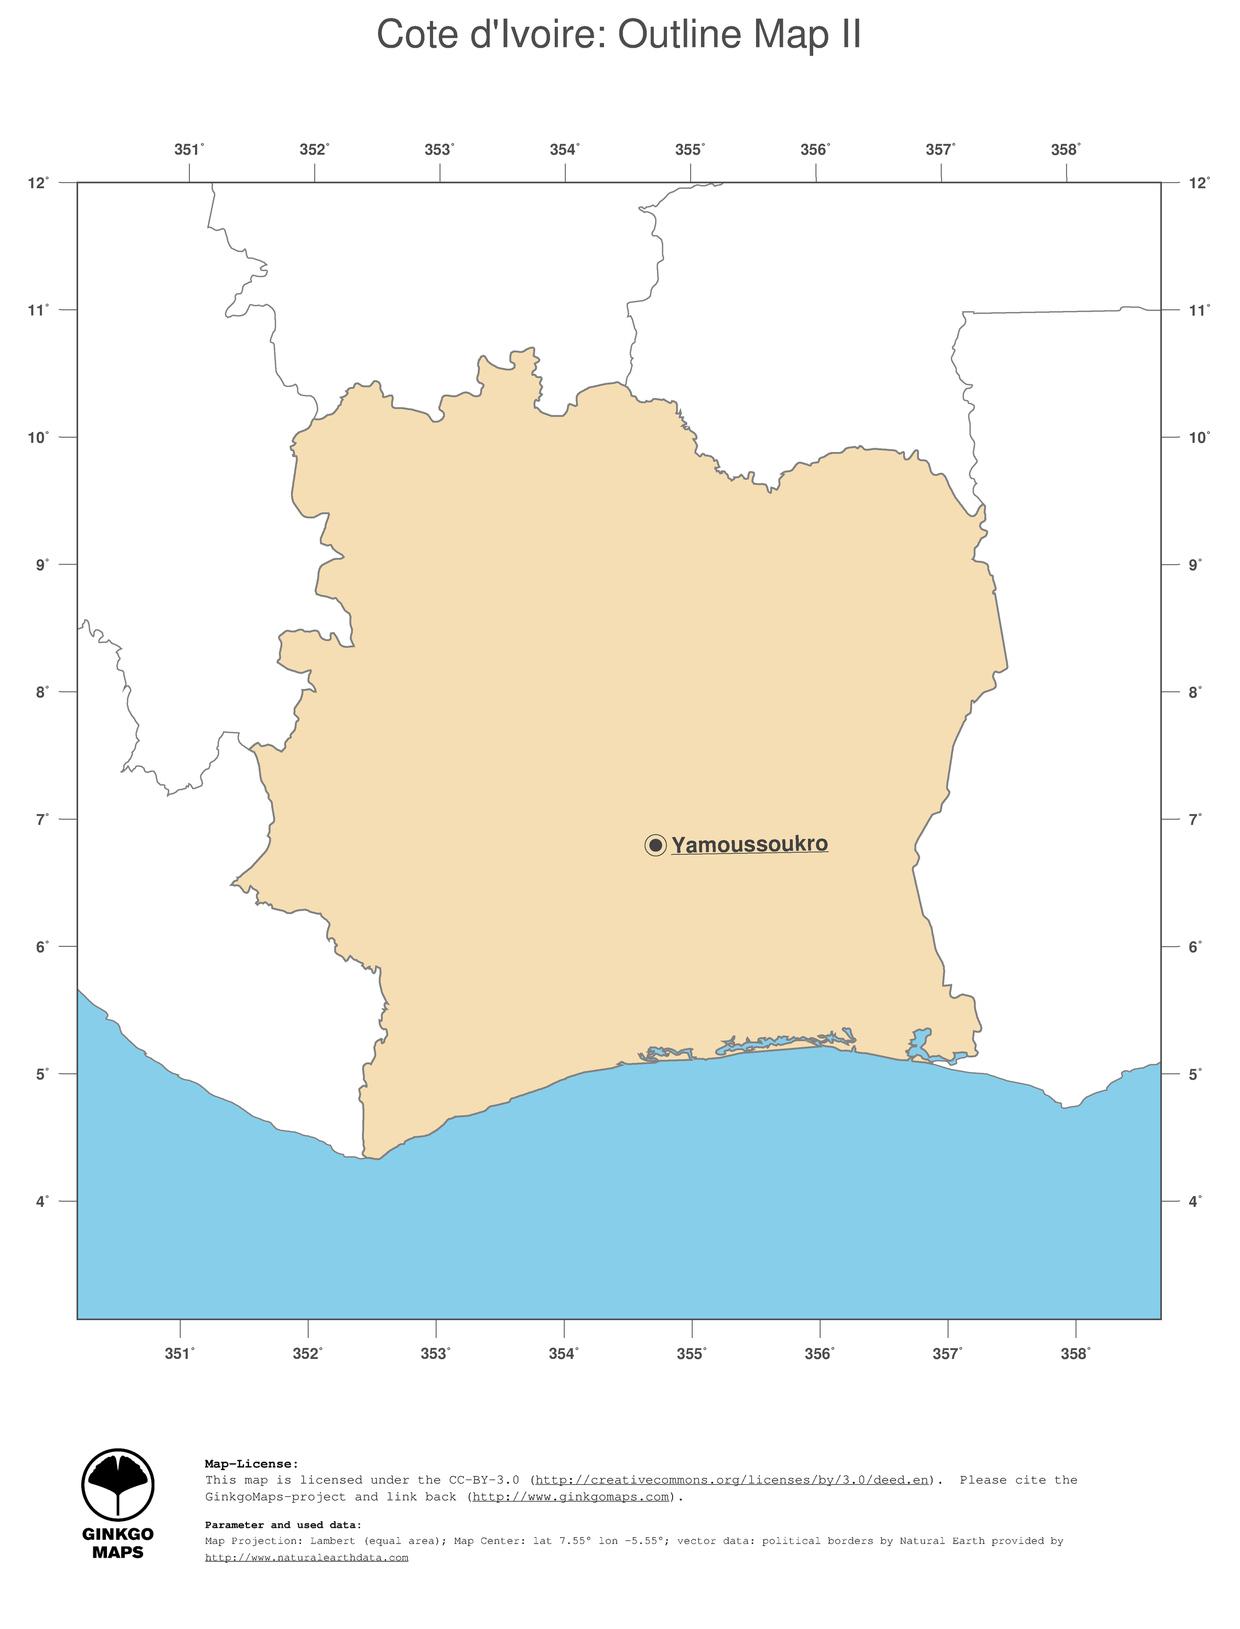 Map Cote dIvoire GinkgoMaps continent Africa region Cote dIvoire